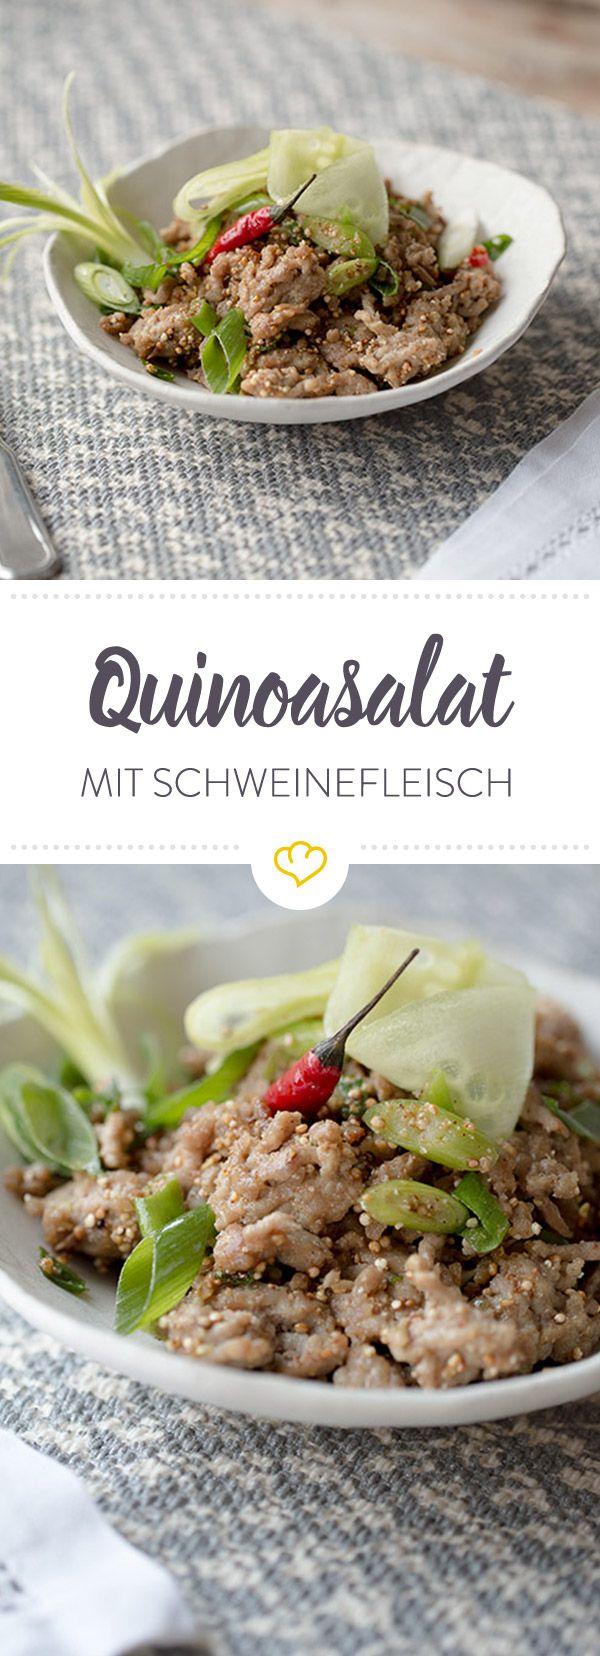 Proteine satt - dank Superfood Quinoa und zartem Schweinefleisch. Das schnelle Gericht erhält durch Chili und Zitronengras eine feine asiatische Note.